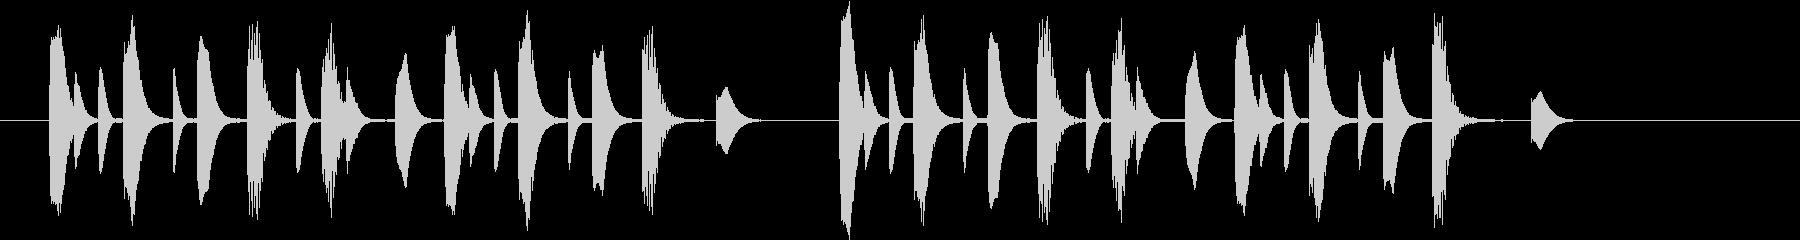 ほのぼのとした場面切替に使えるジングルの未再生の波形